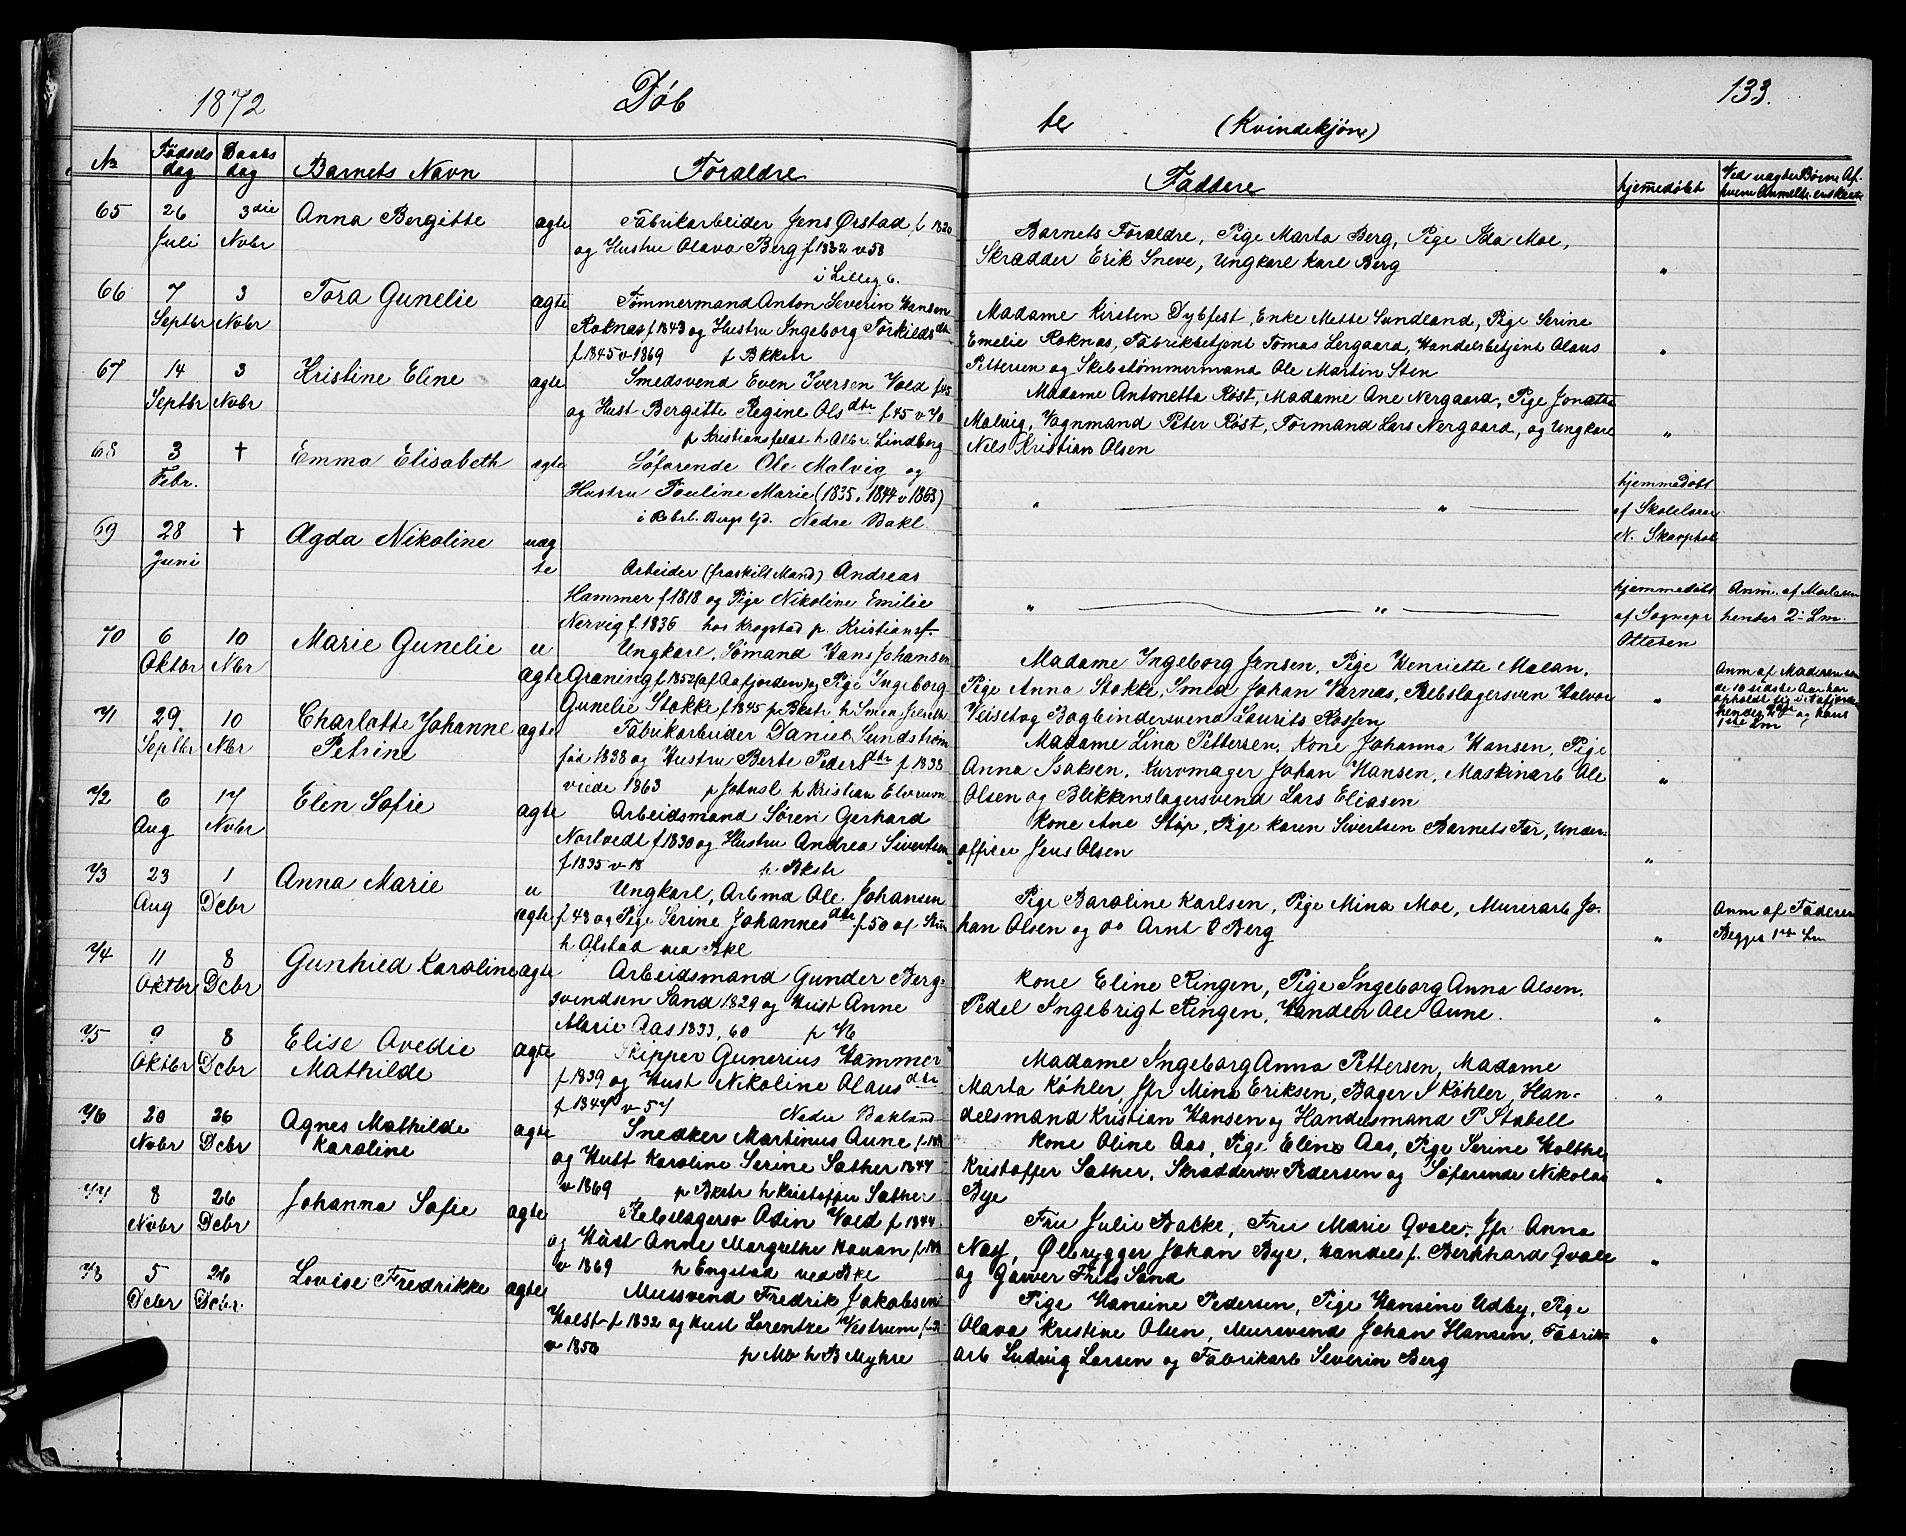 SAT, Ministerialprotokoller, klokkerbøker og fødselsregistre - Sør-Trøndelag, 604/L0220: Klokkerbok nr. 604C03, 1870-1885, s. 133